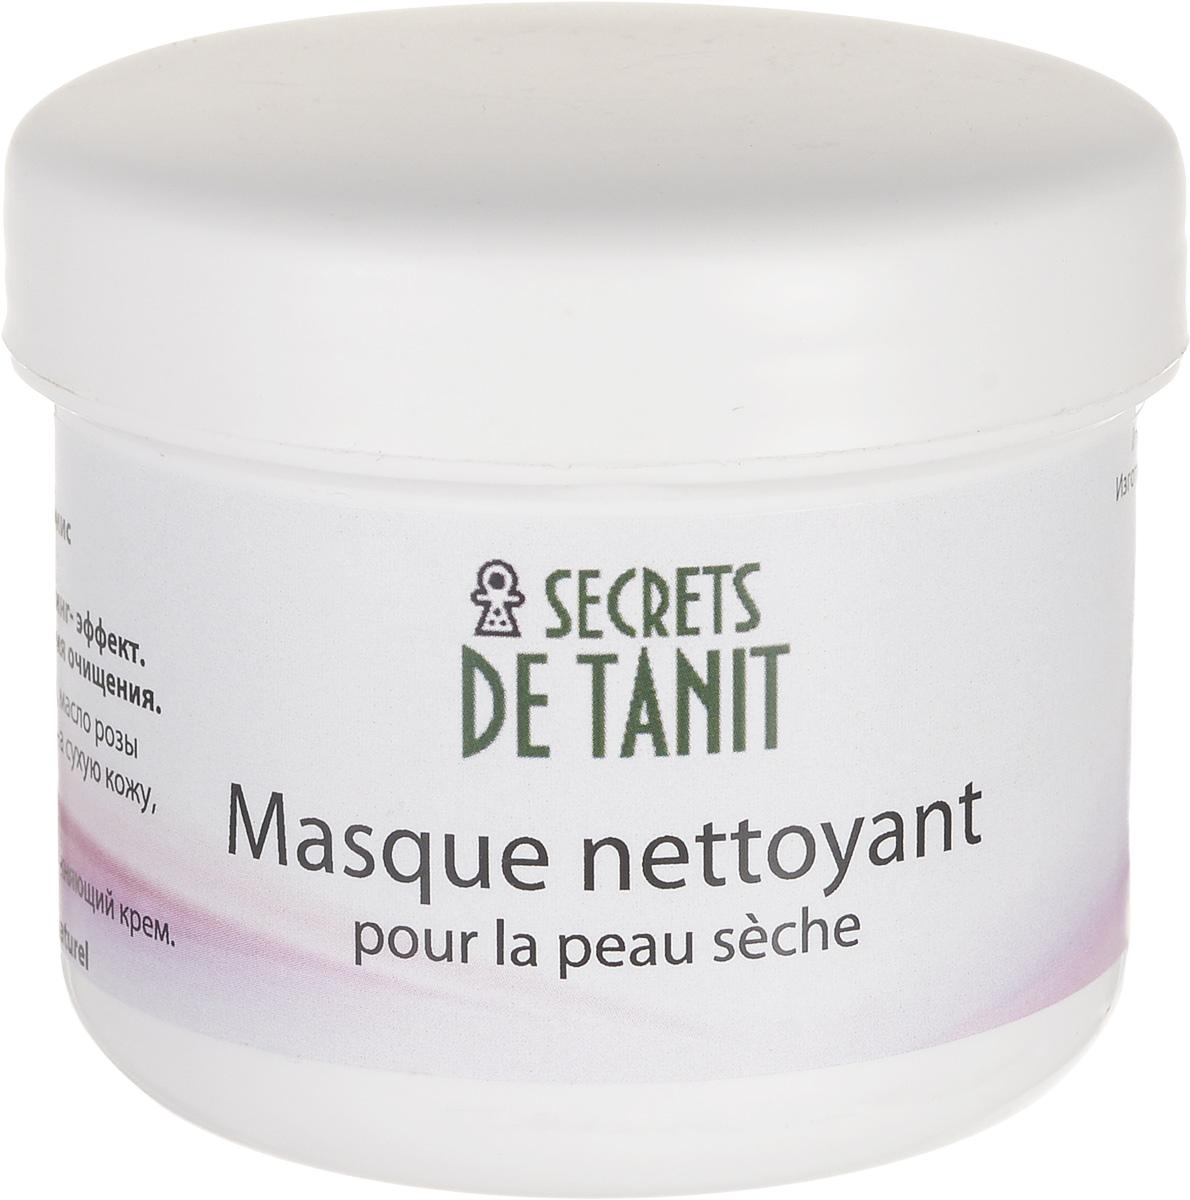 Secrets de Tanit Глиняная маска для сухой кожи лица, 200 мг918100% натуральная маска Secrets de Tanit для сухой кожи лица